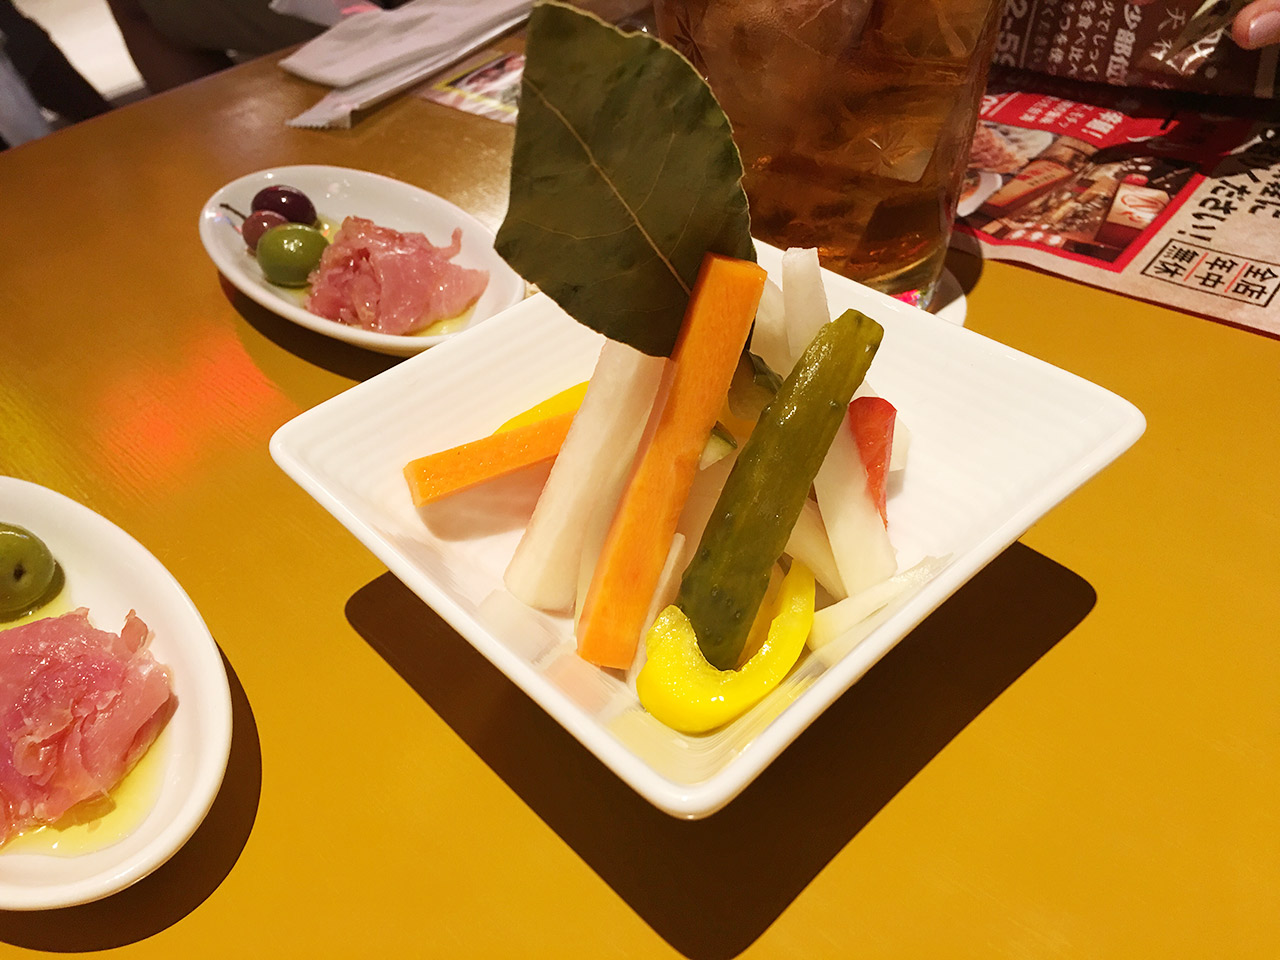 tachikawa-shokuniku-yokocho-rumpcap-03